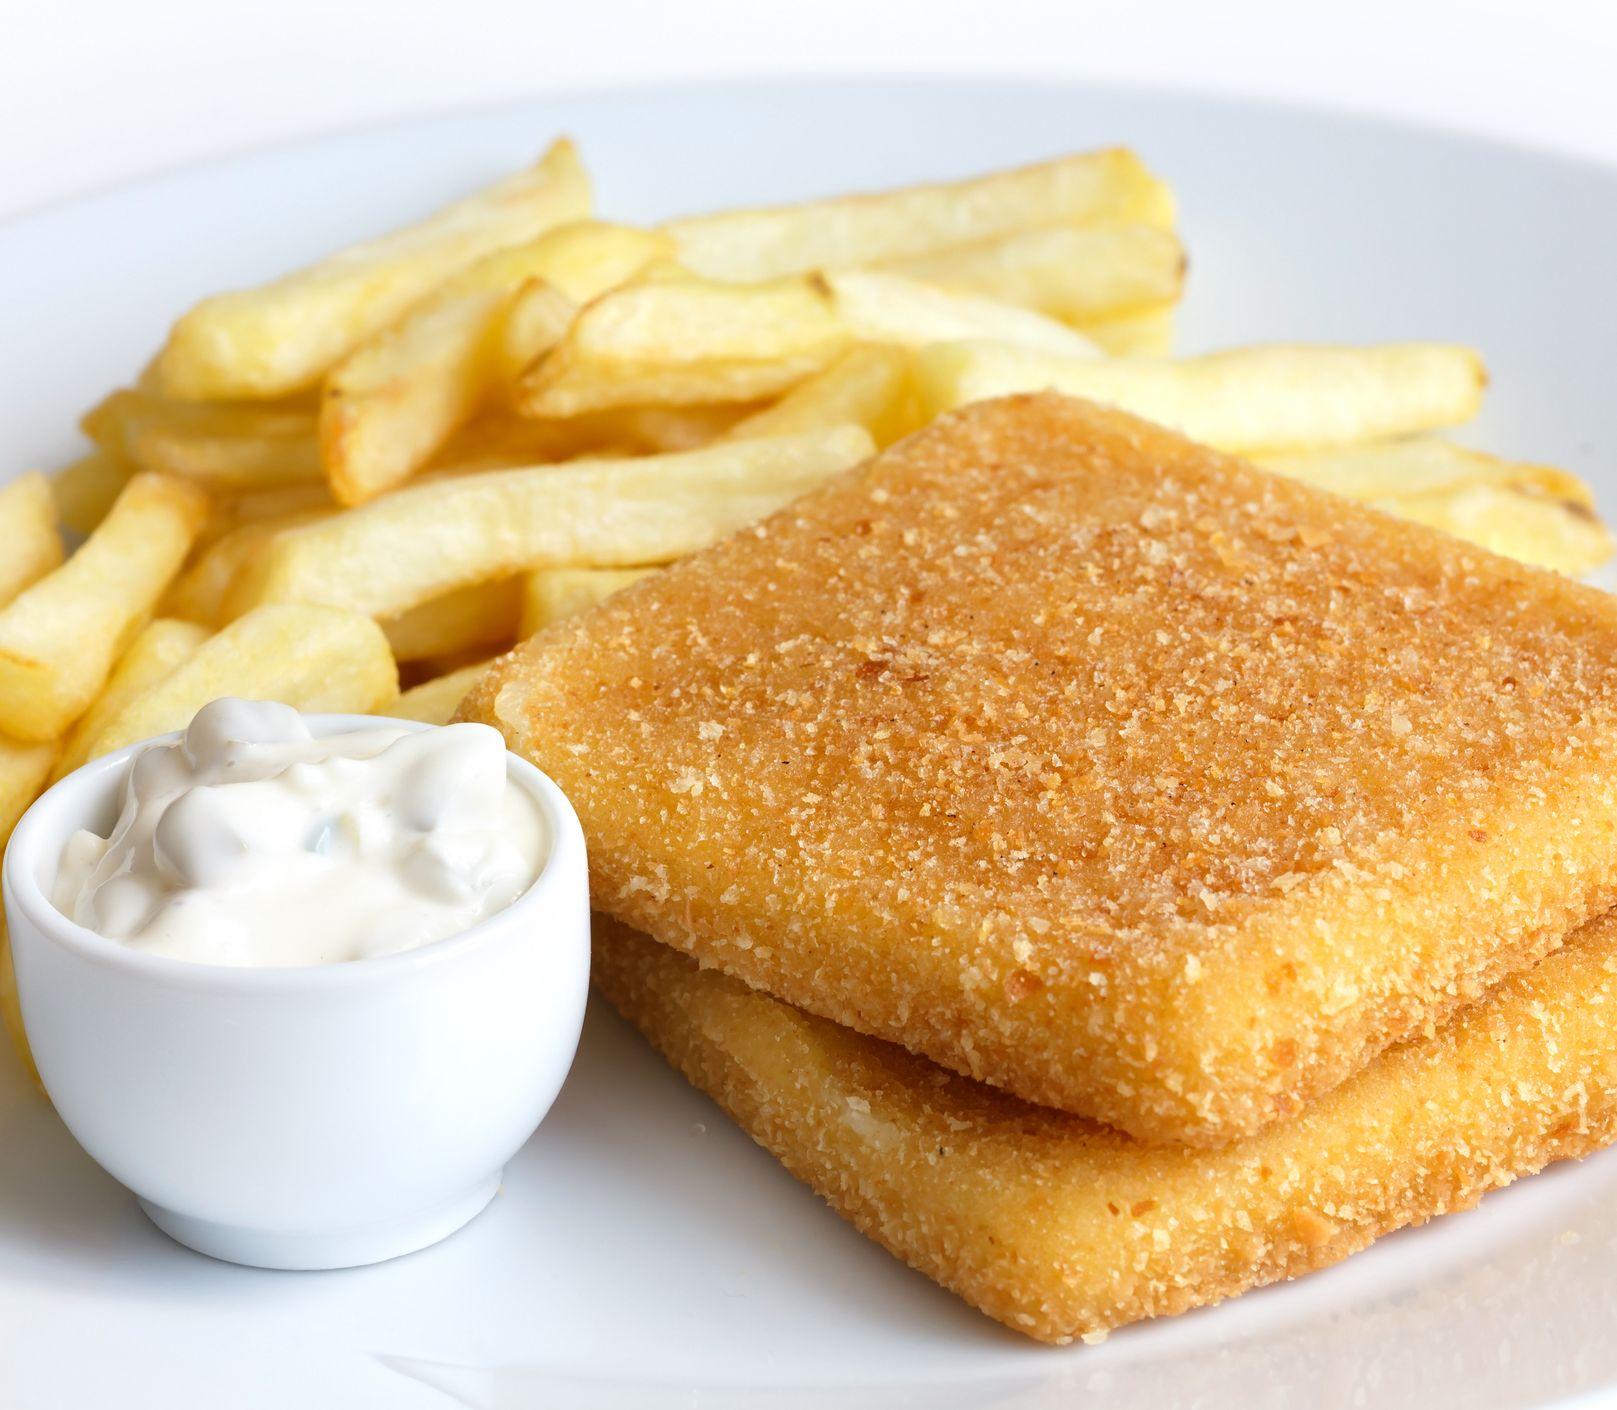 Domáci vyprážaný syr: Čo robiť, aby sa neroztiekol a ako ho pripraviť bez oleja?